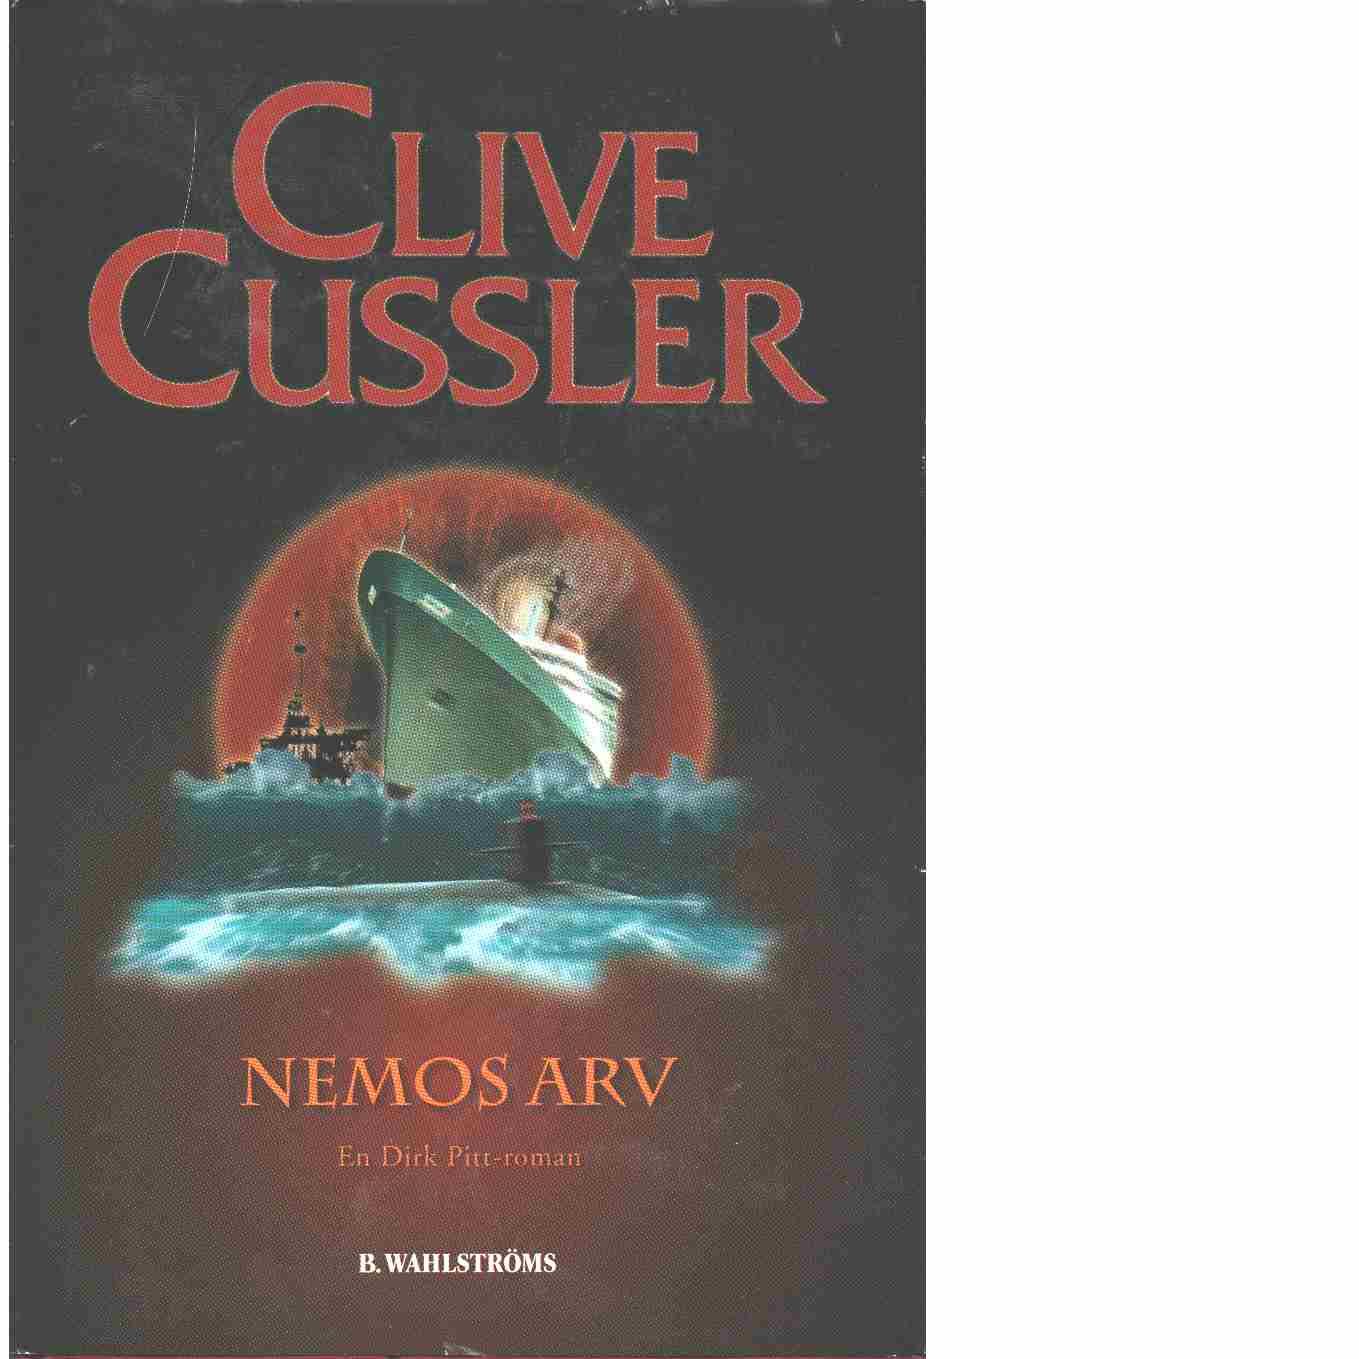 Nemos arv - Cussler, Clive